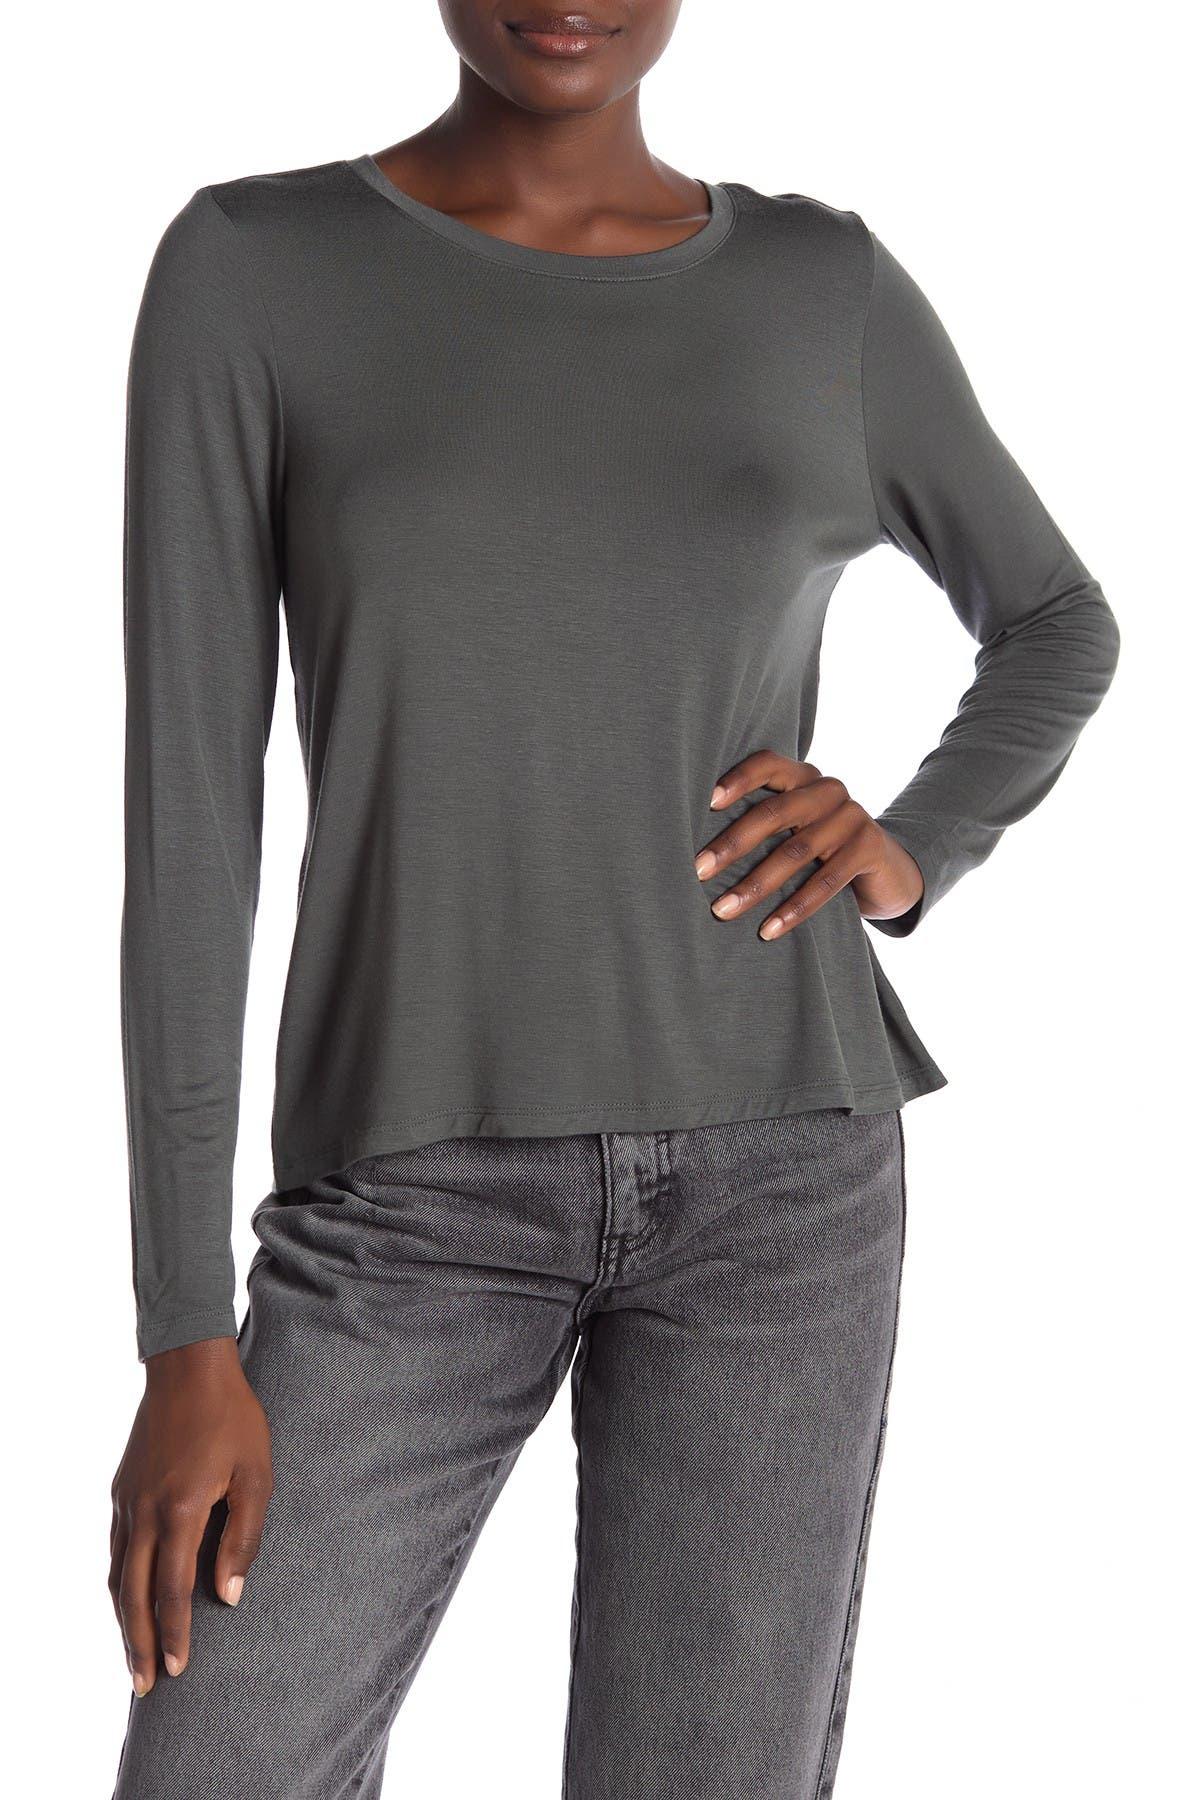 Image of Halogen Back Vent Long Sleeve T-Shirt